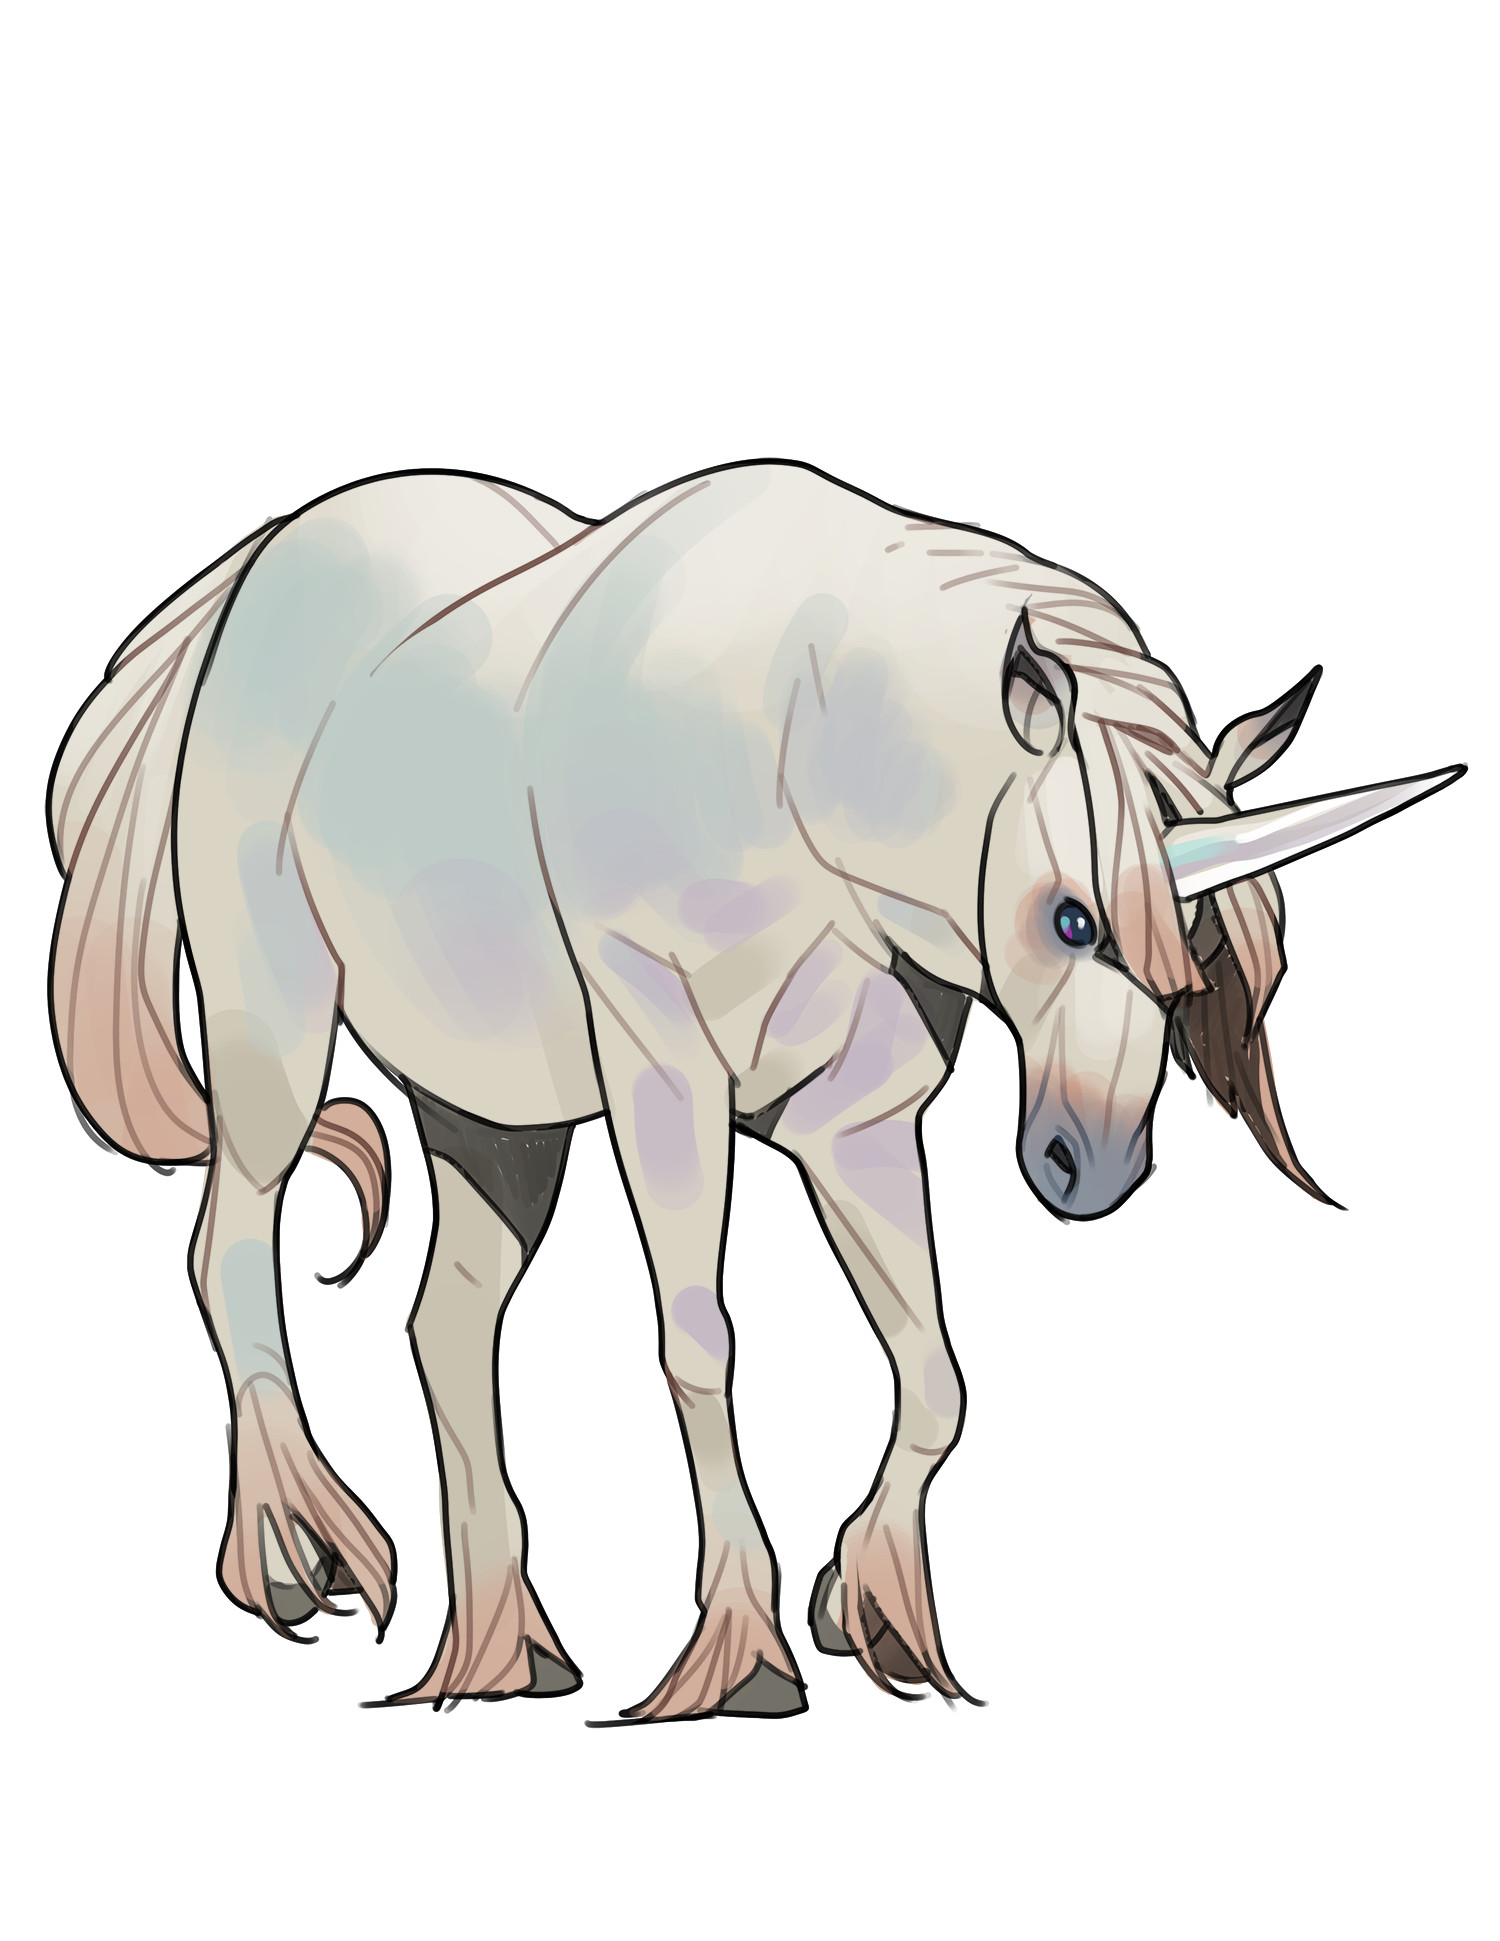 Cole marchetti x unicorn